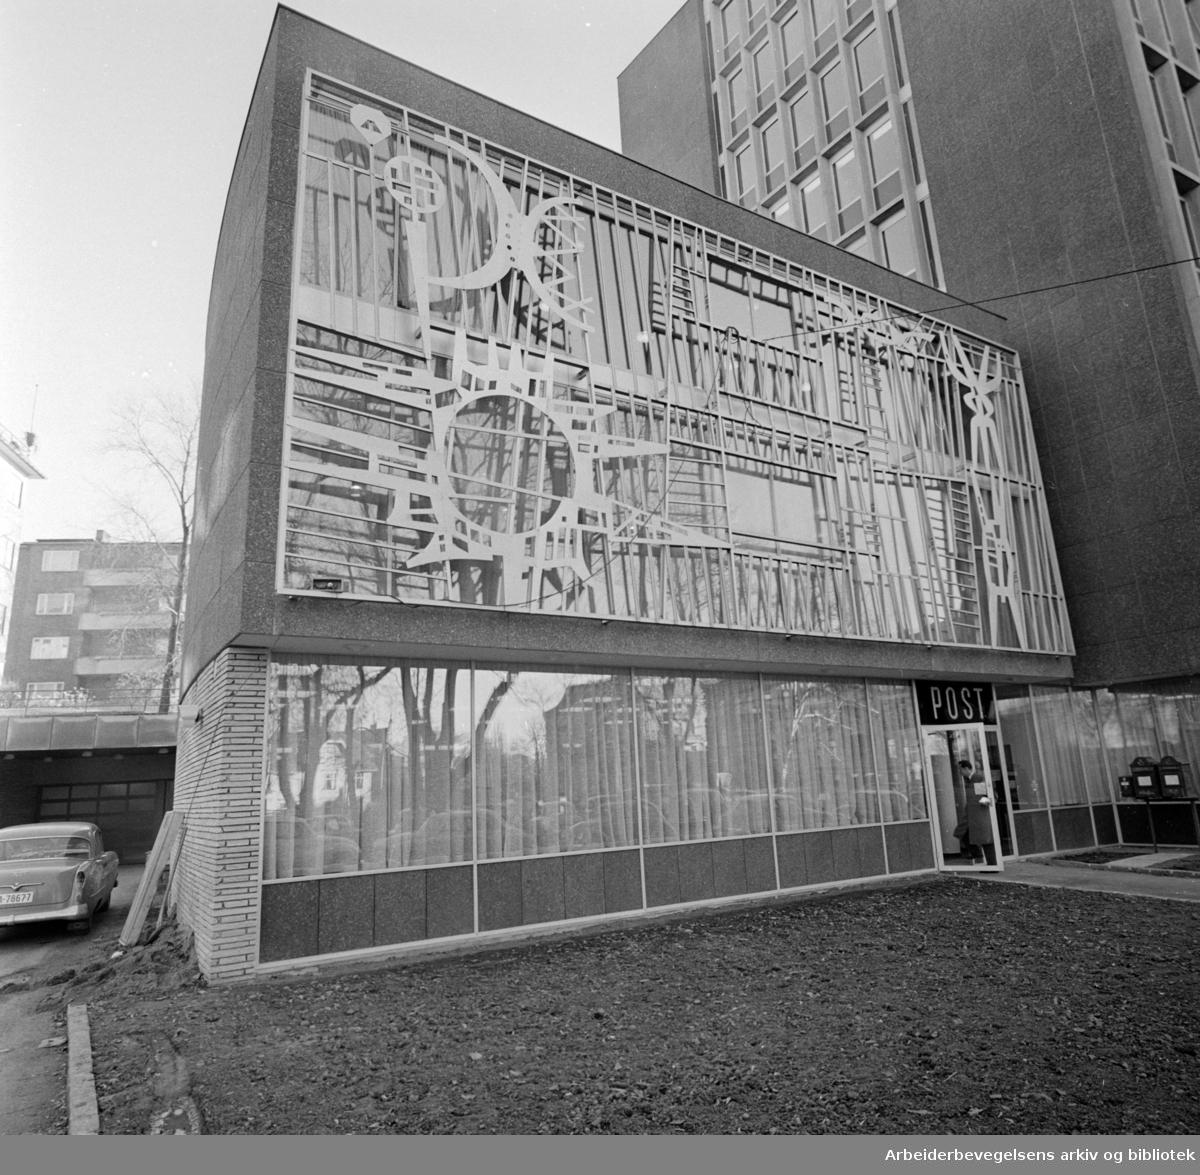 Skillebekk postkontor. Nytt postkontor i Rikstrygdeverkets nye bygg. November 1960